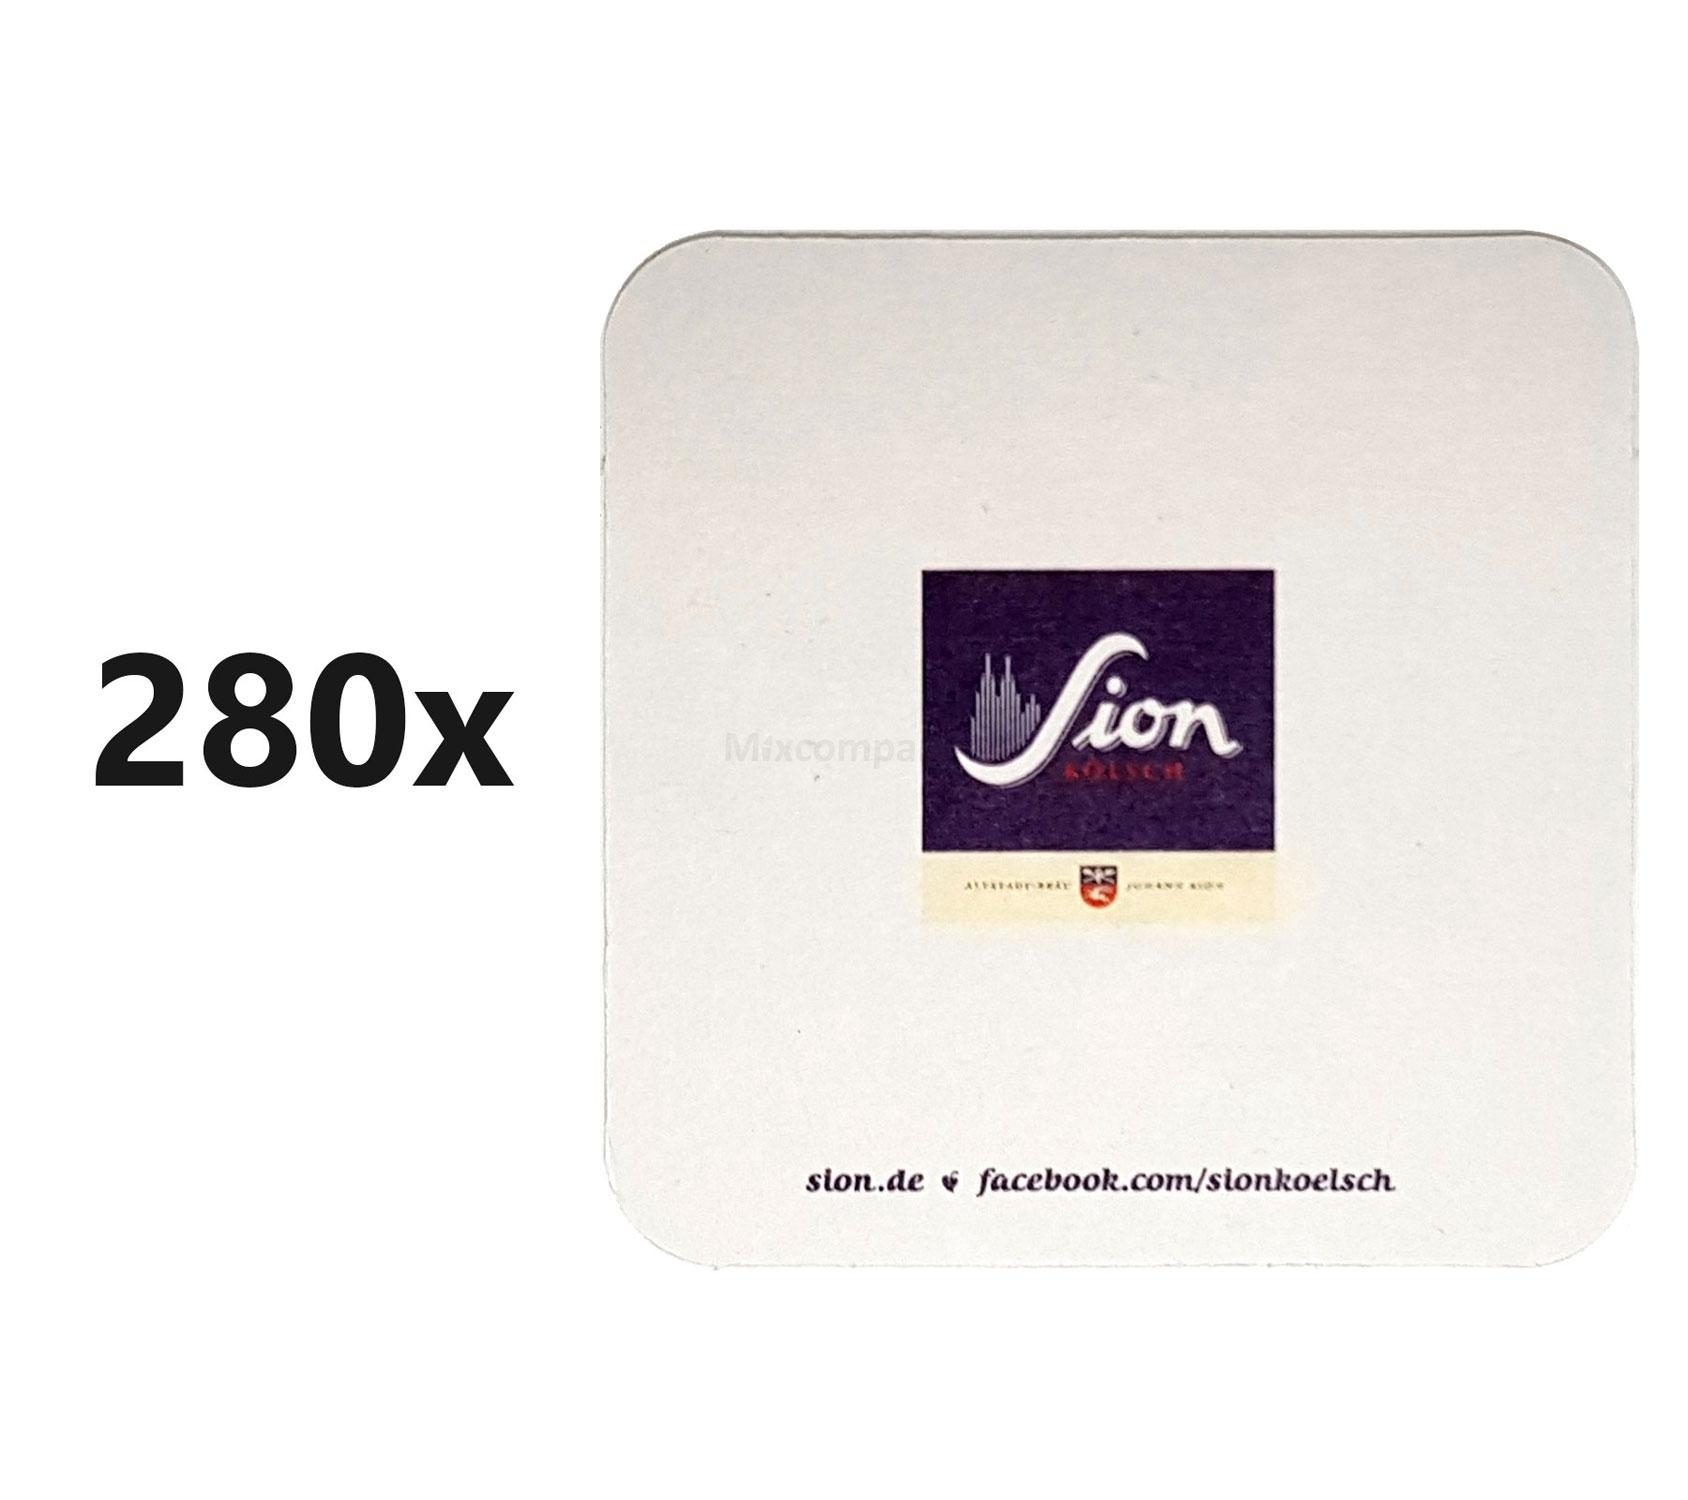 Sion Kölsch Bierdeckel / Untersetzer - 280 Stück